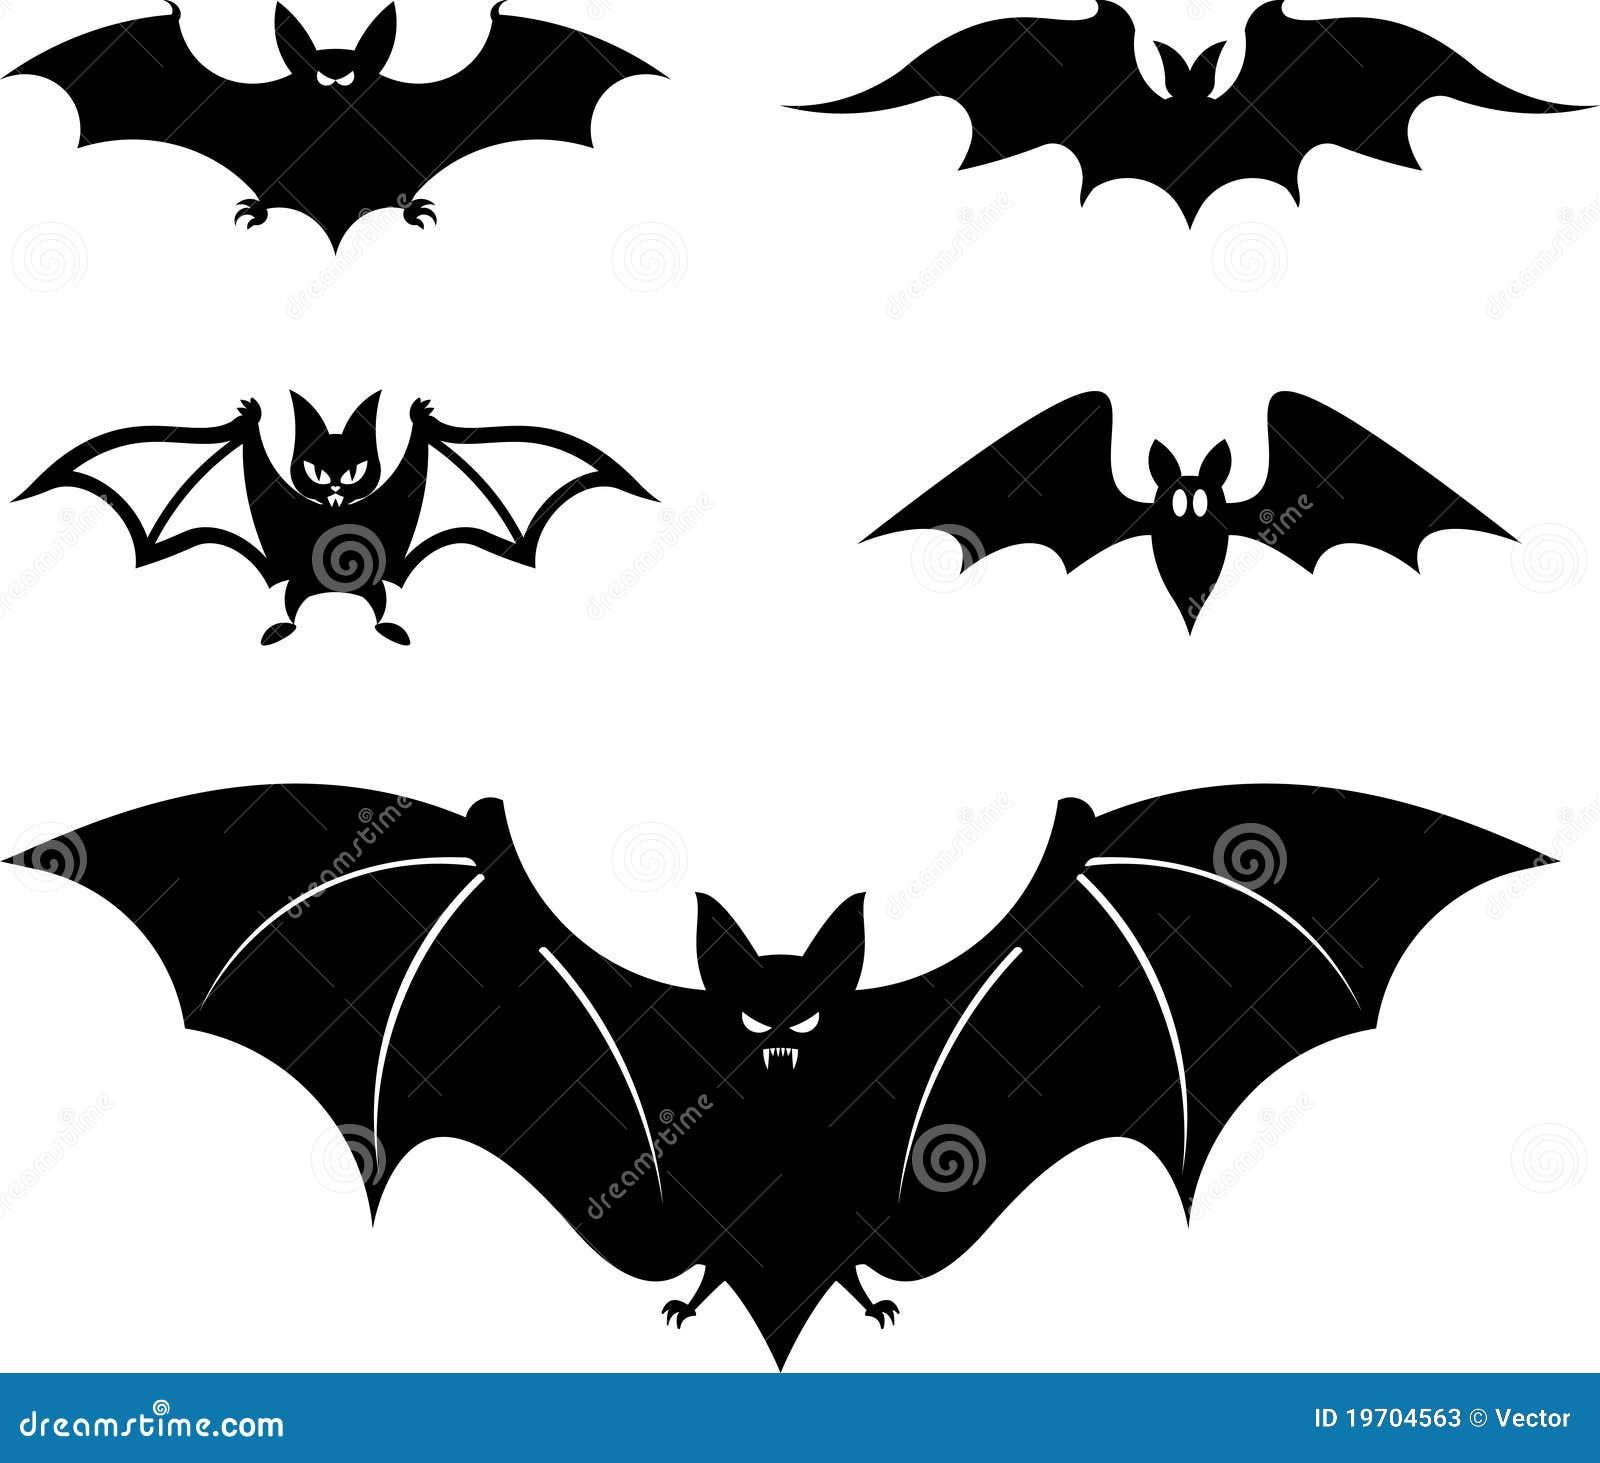 cartoon style bats vector illustration Thank You Meme Funny Thank You Meme Funny